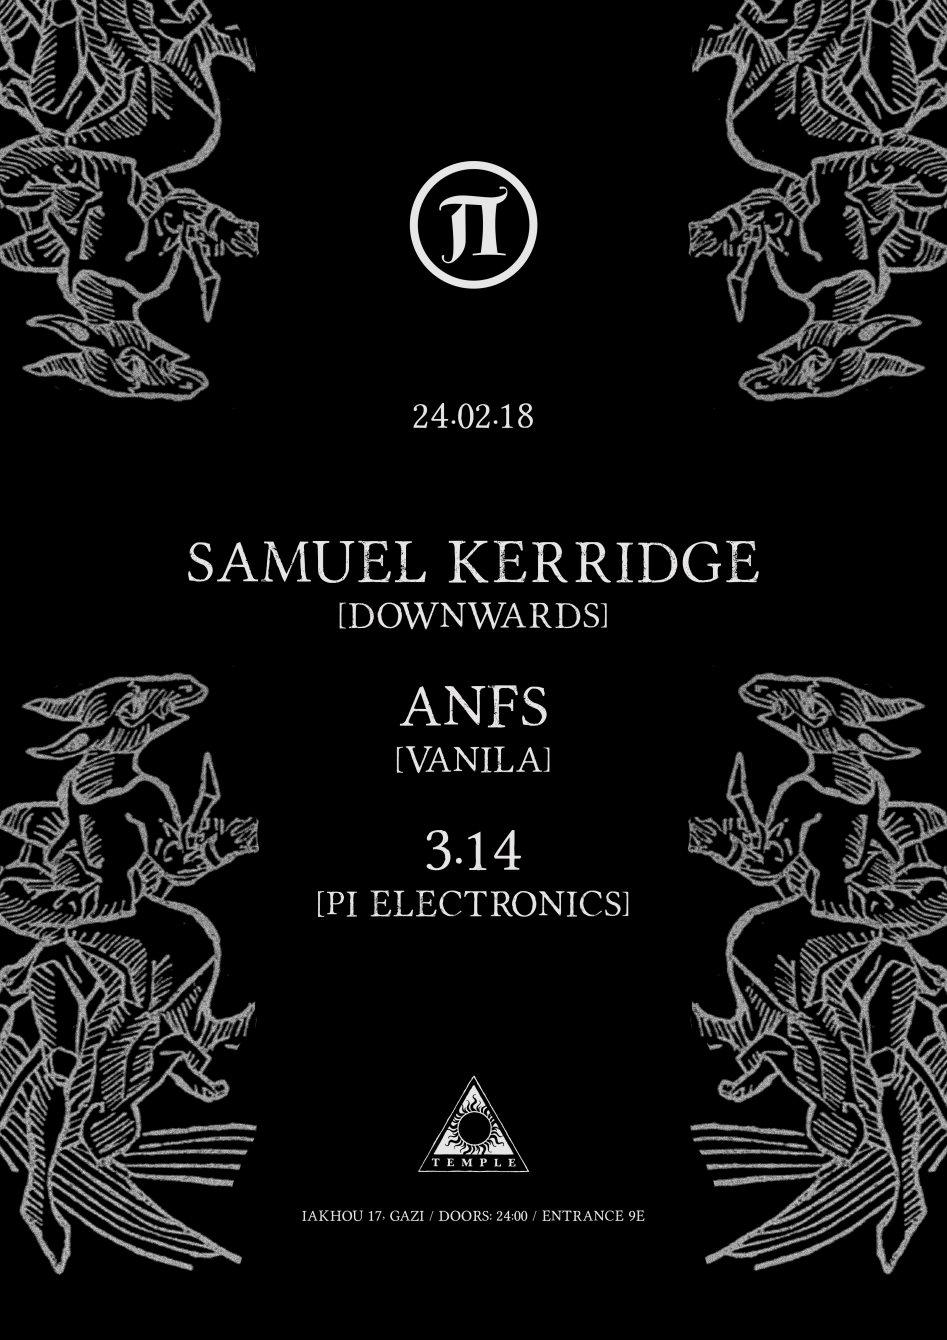 Π30 with Samuel Kerridge - Flyer back